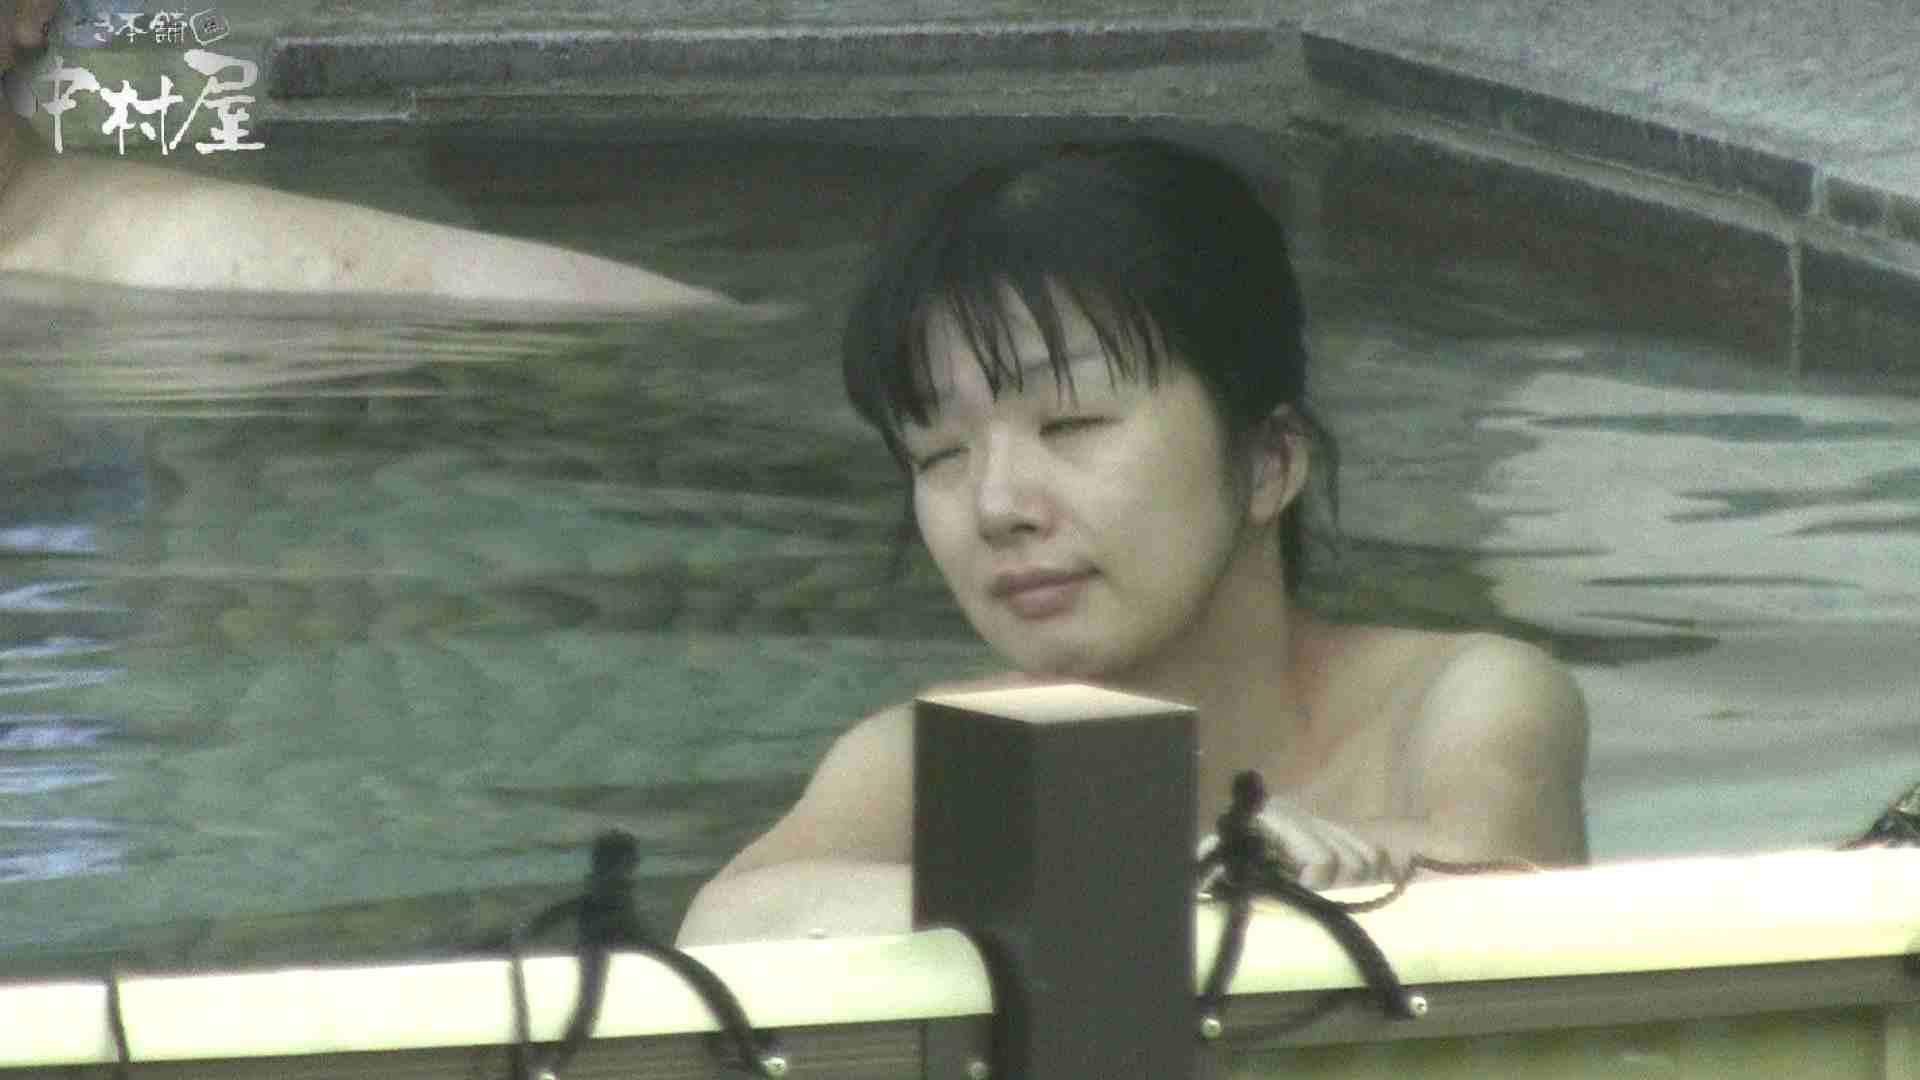 Aquaな露天風呂Vol.904 露天 | 女体盗撮  85連発 34